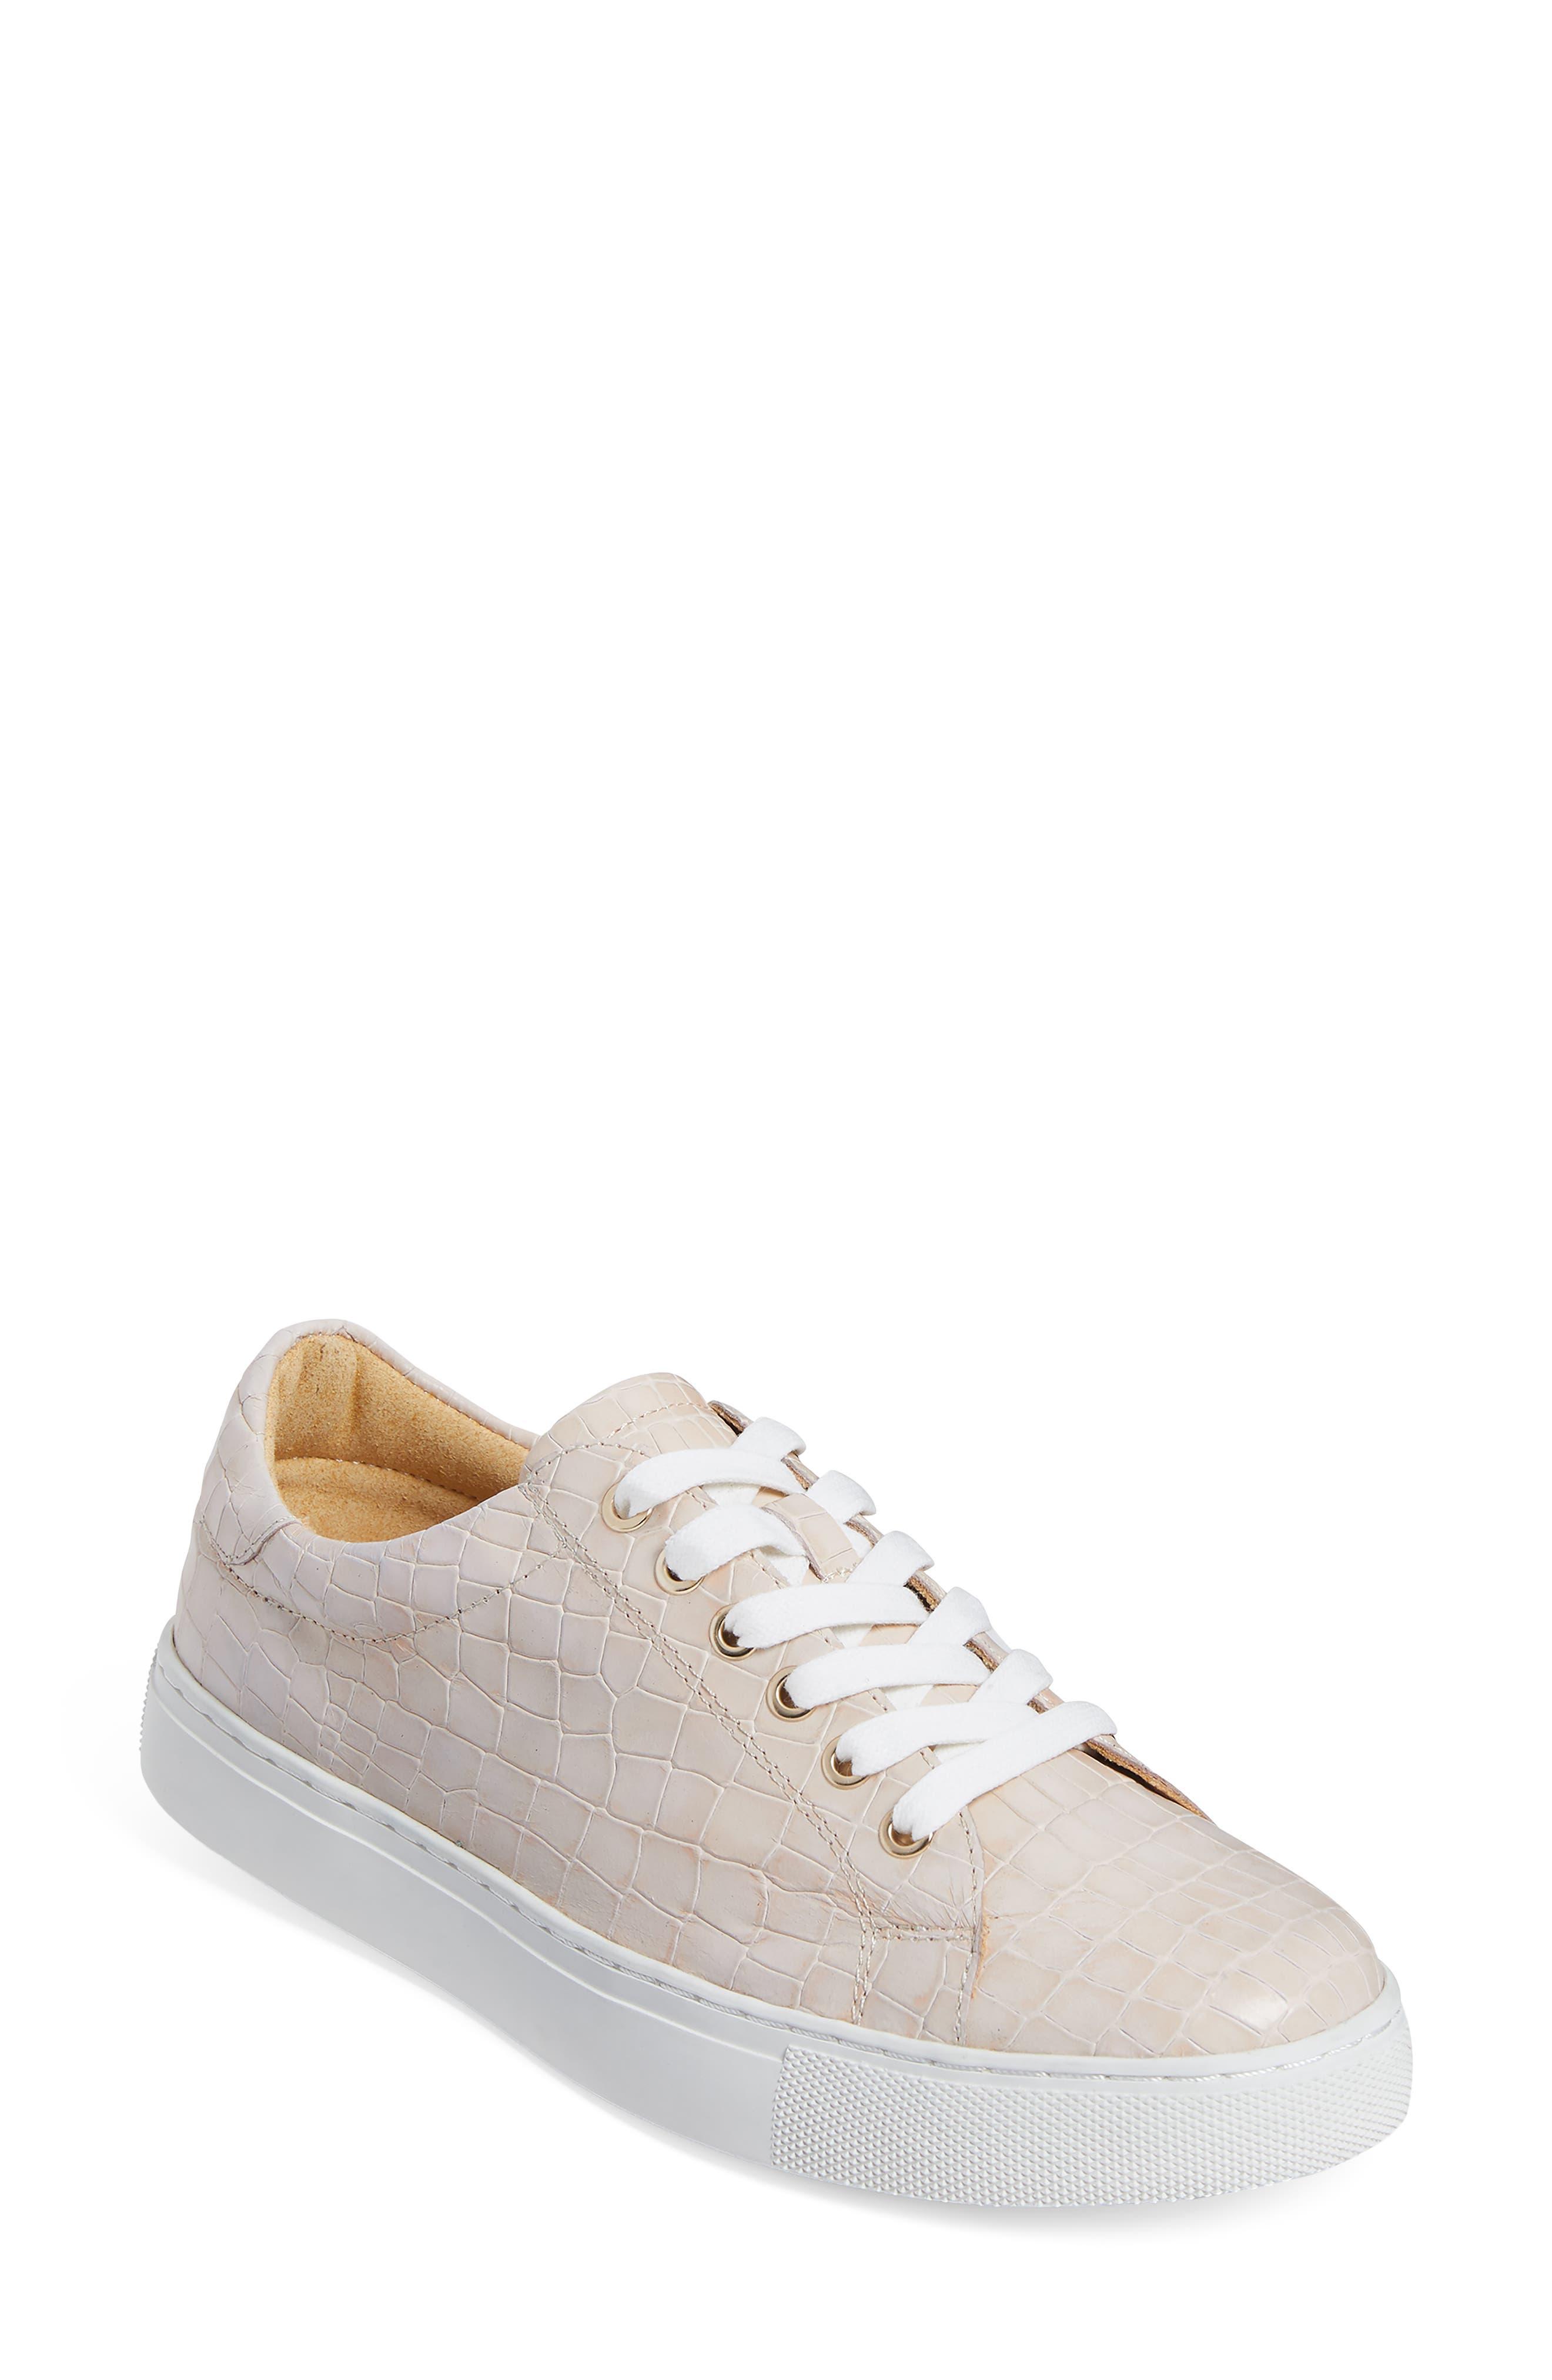 Rory Croc Embossed Sneaker